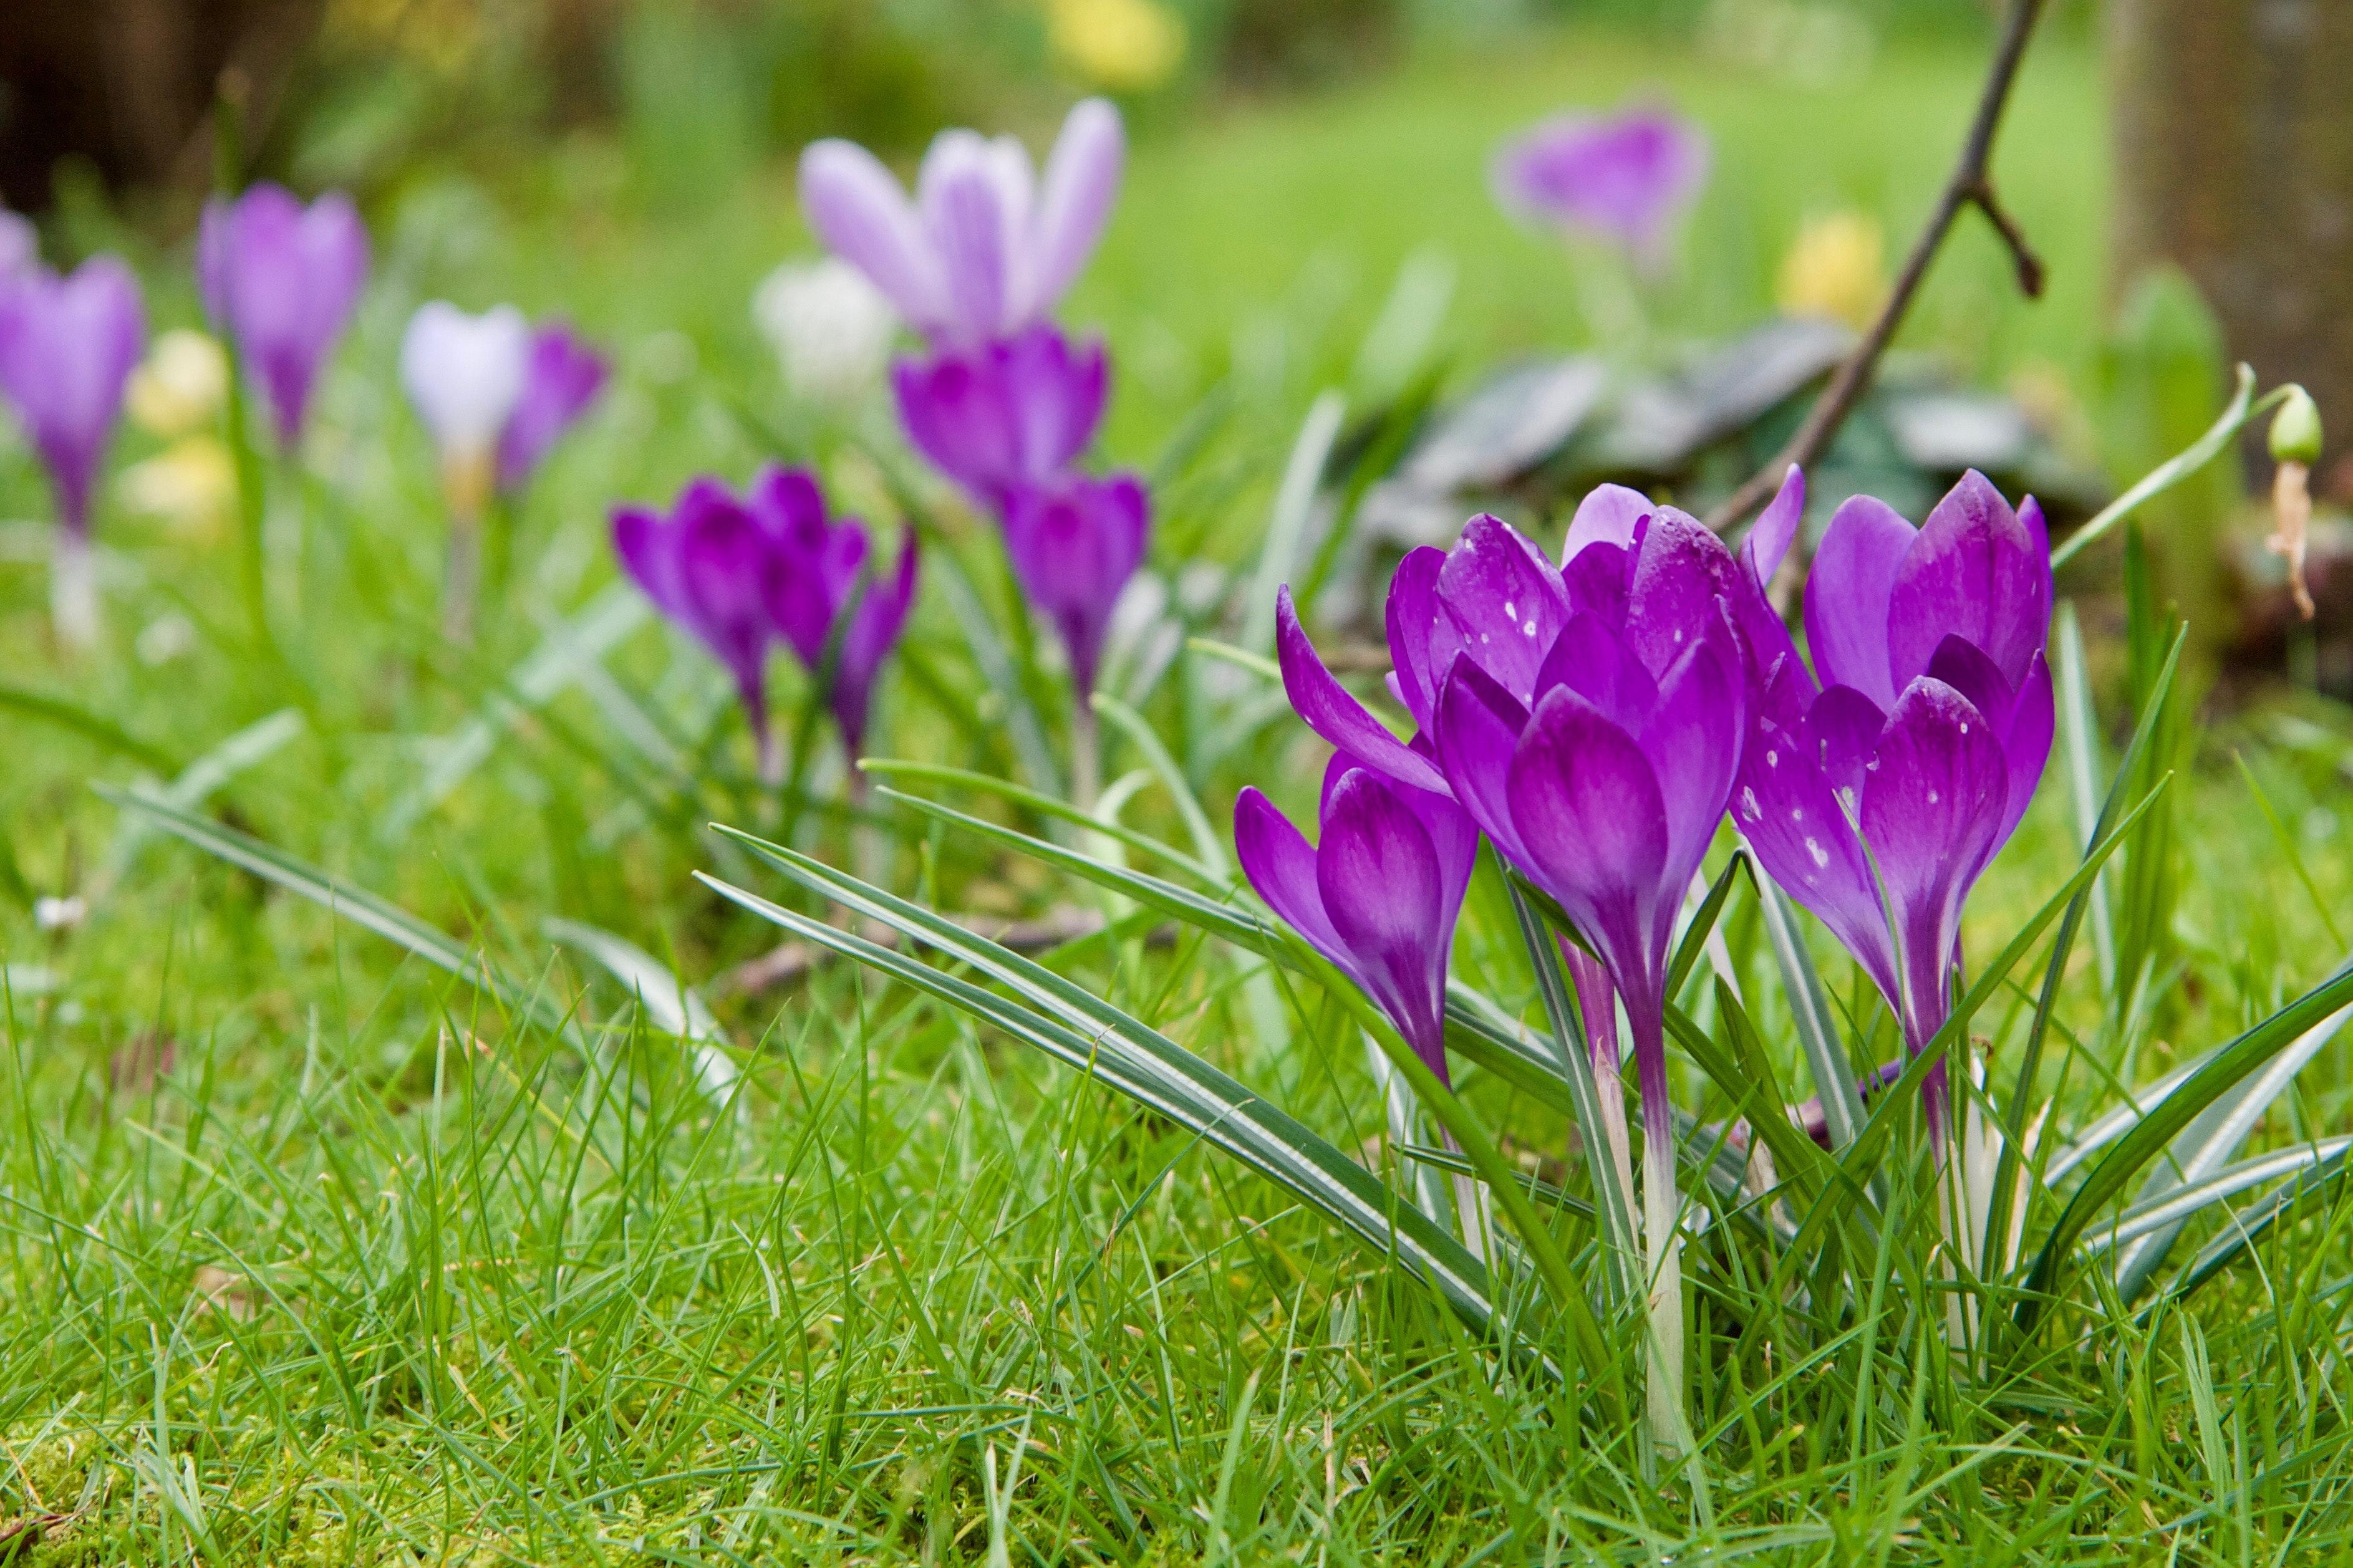 Kostenloses Foto Zum Thema Blumen Frühlingsblumen Krokus